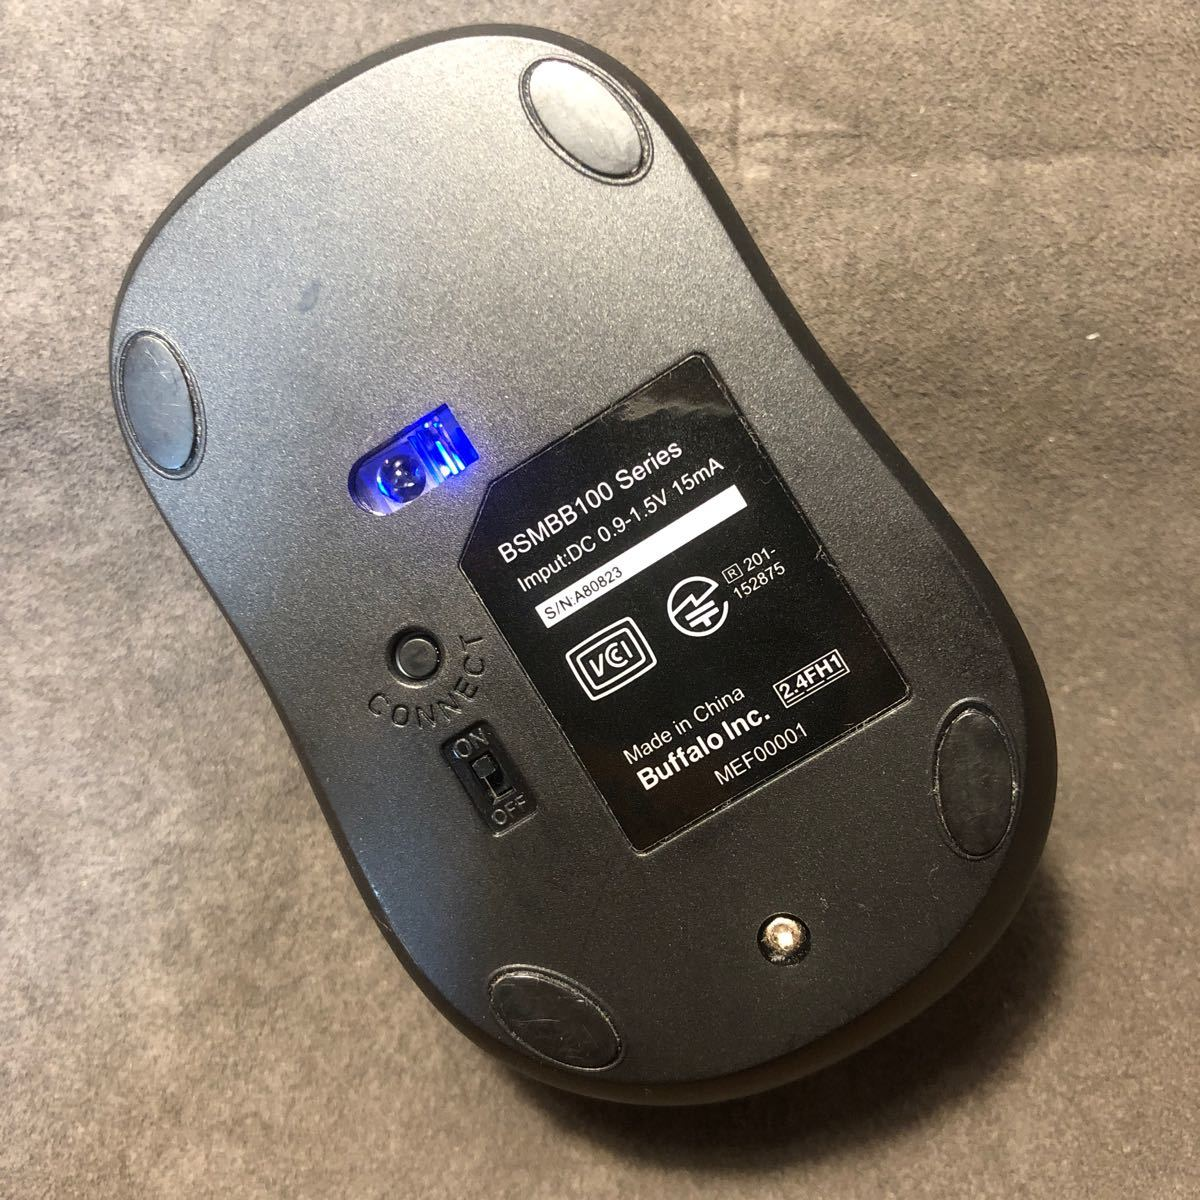 ワイヤレスマウス バッファロー Bluetooth ワイヤレス BSMBB 100 Series BlueLED 静音 3ボタン